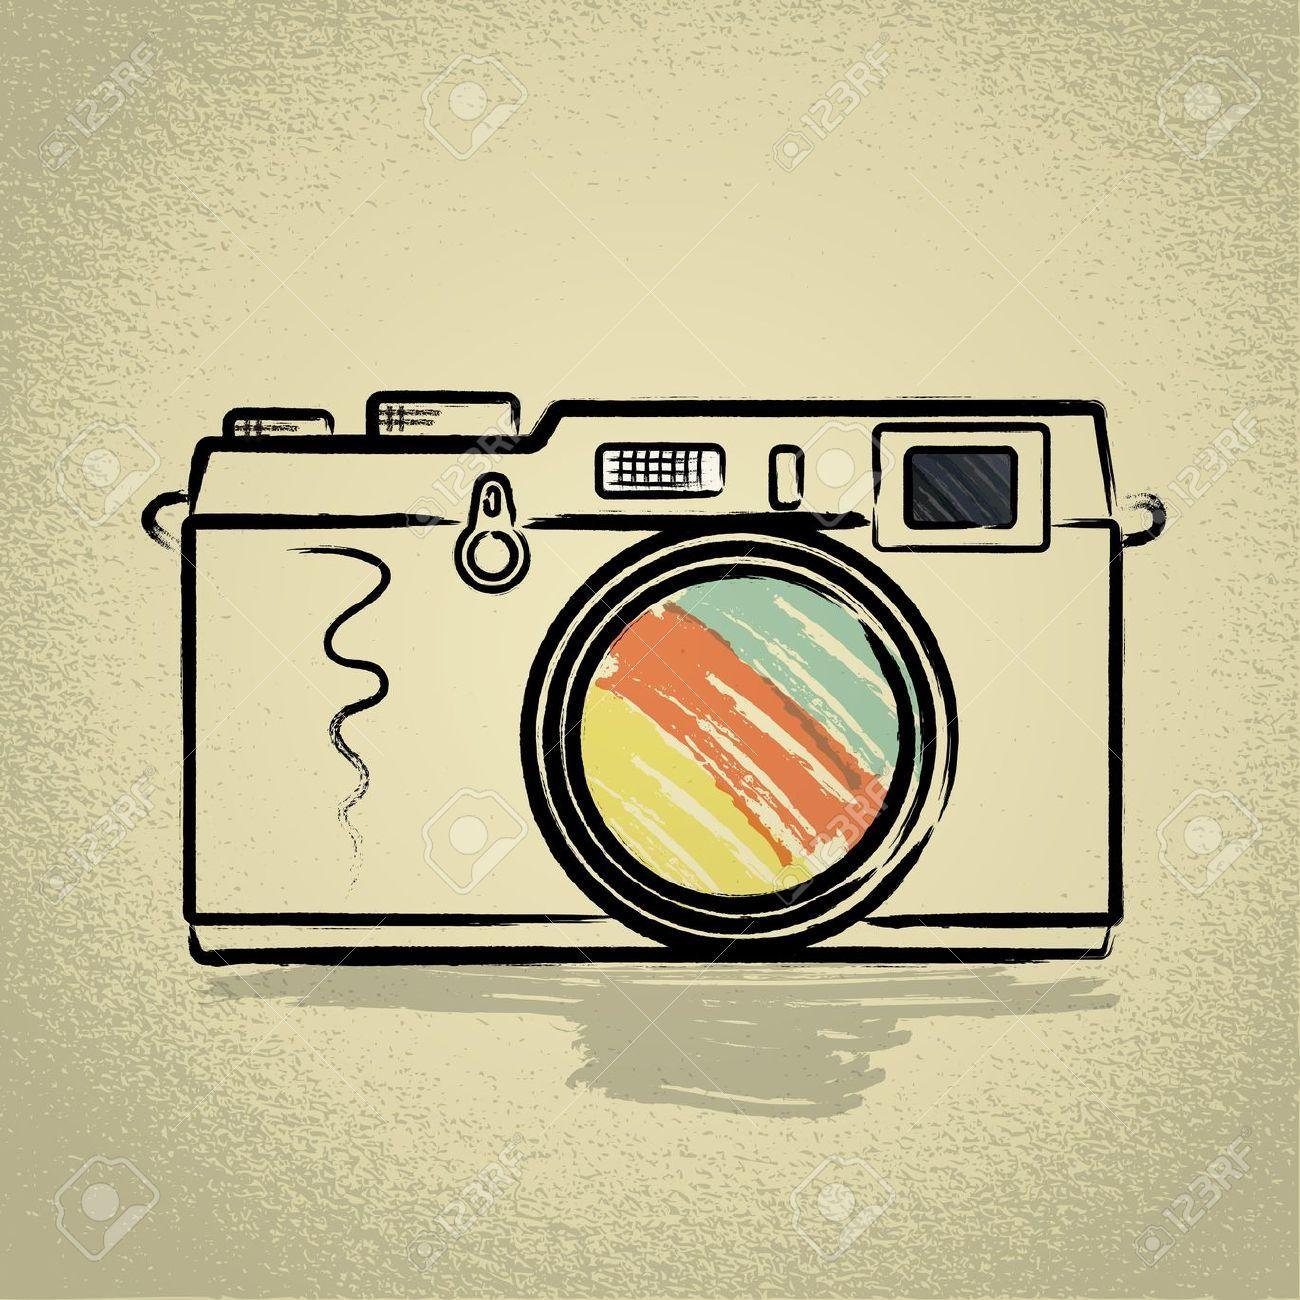 Rangefinder Camera Illustration With Brushwork Camera Illustration Camera Art Camera Drawing